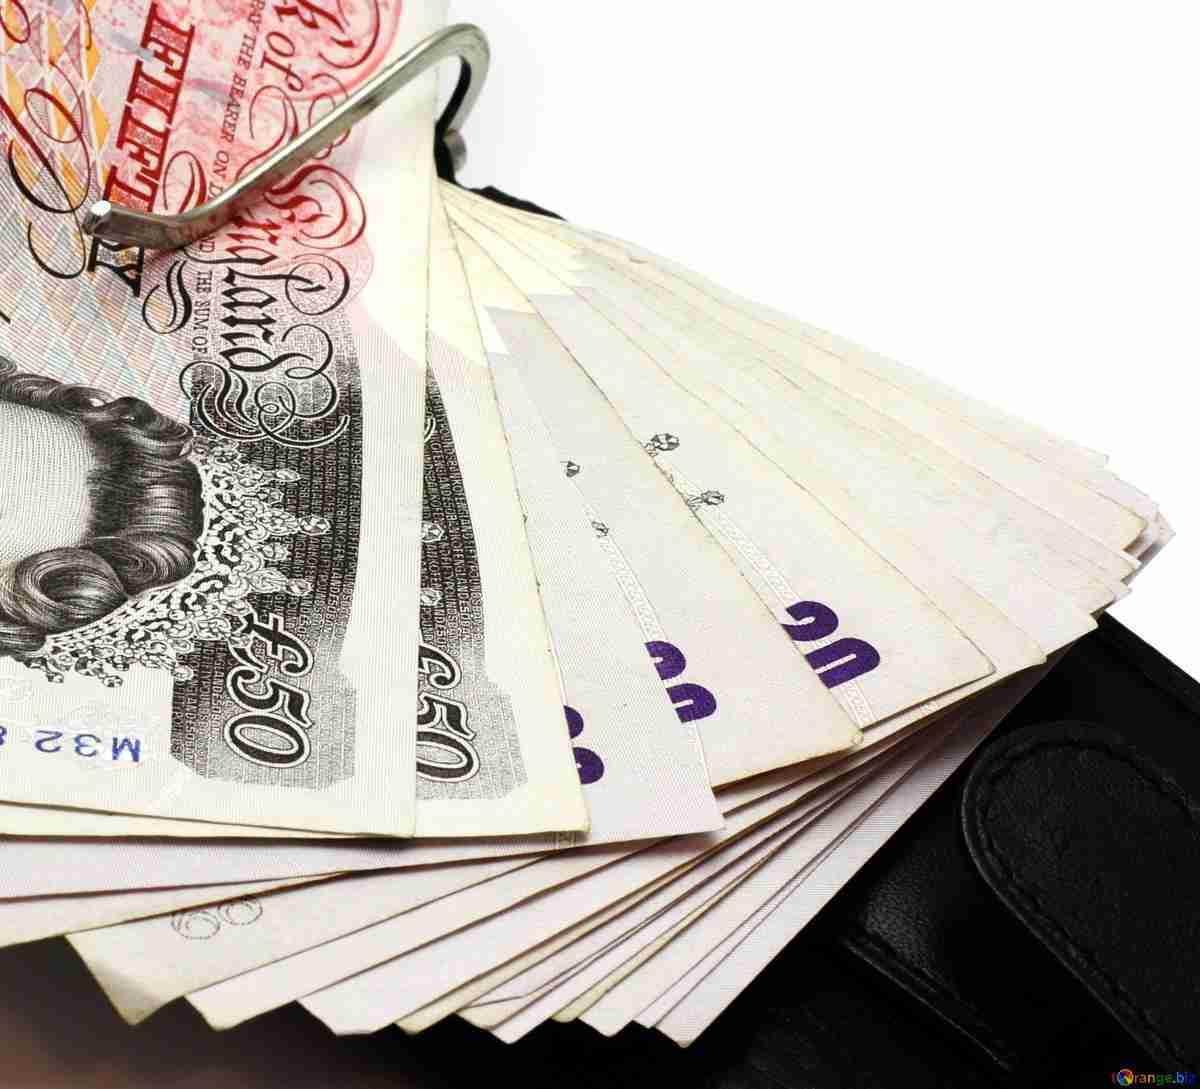 direct loans uk fan of cash notes